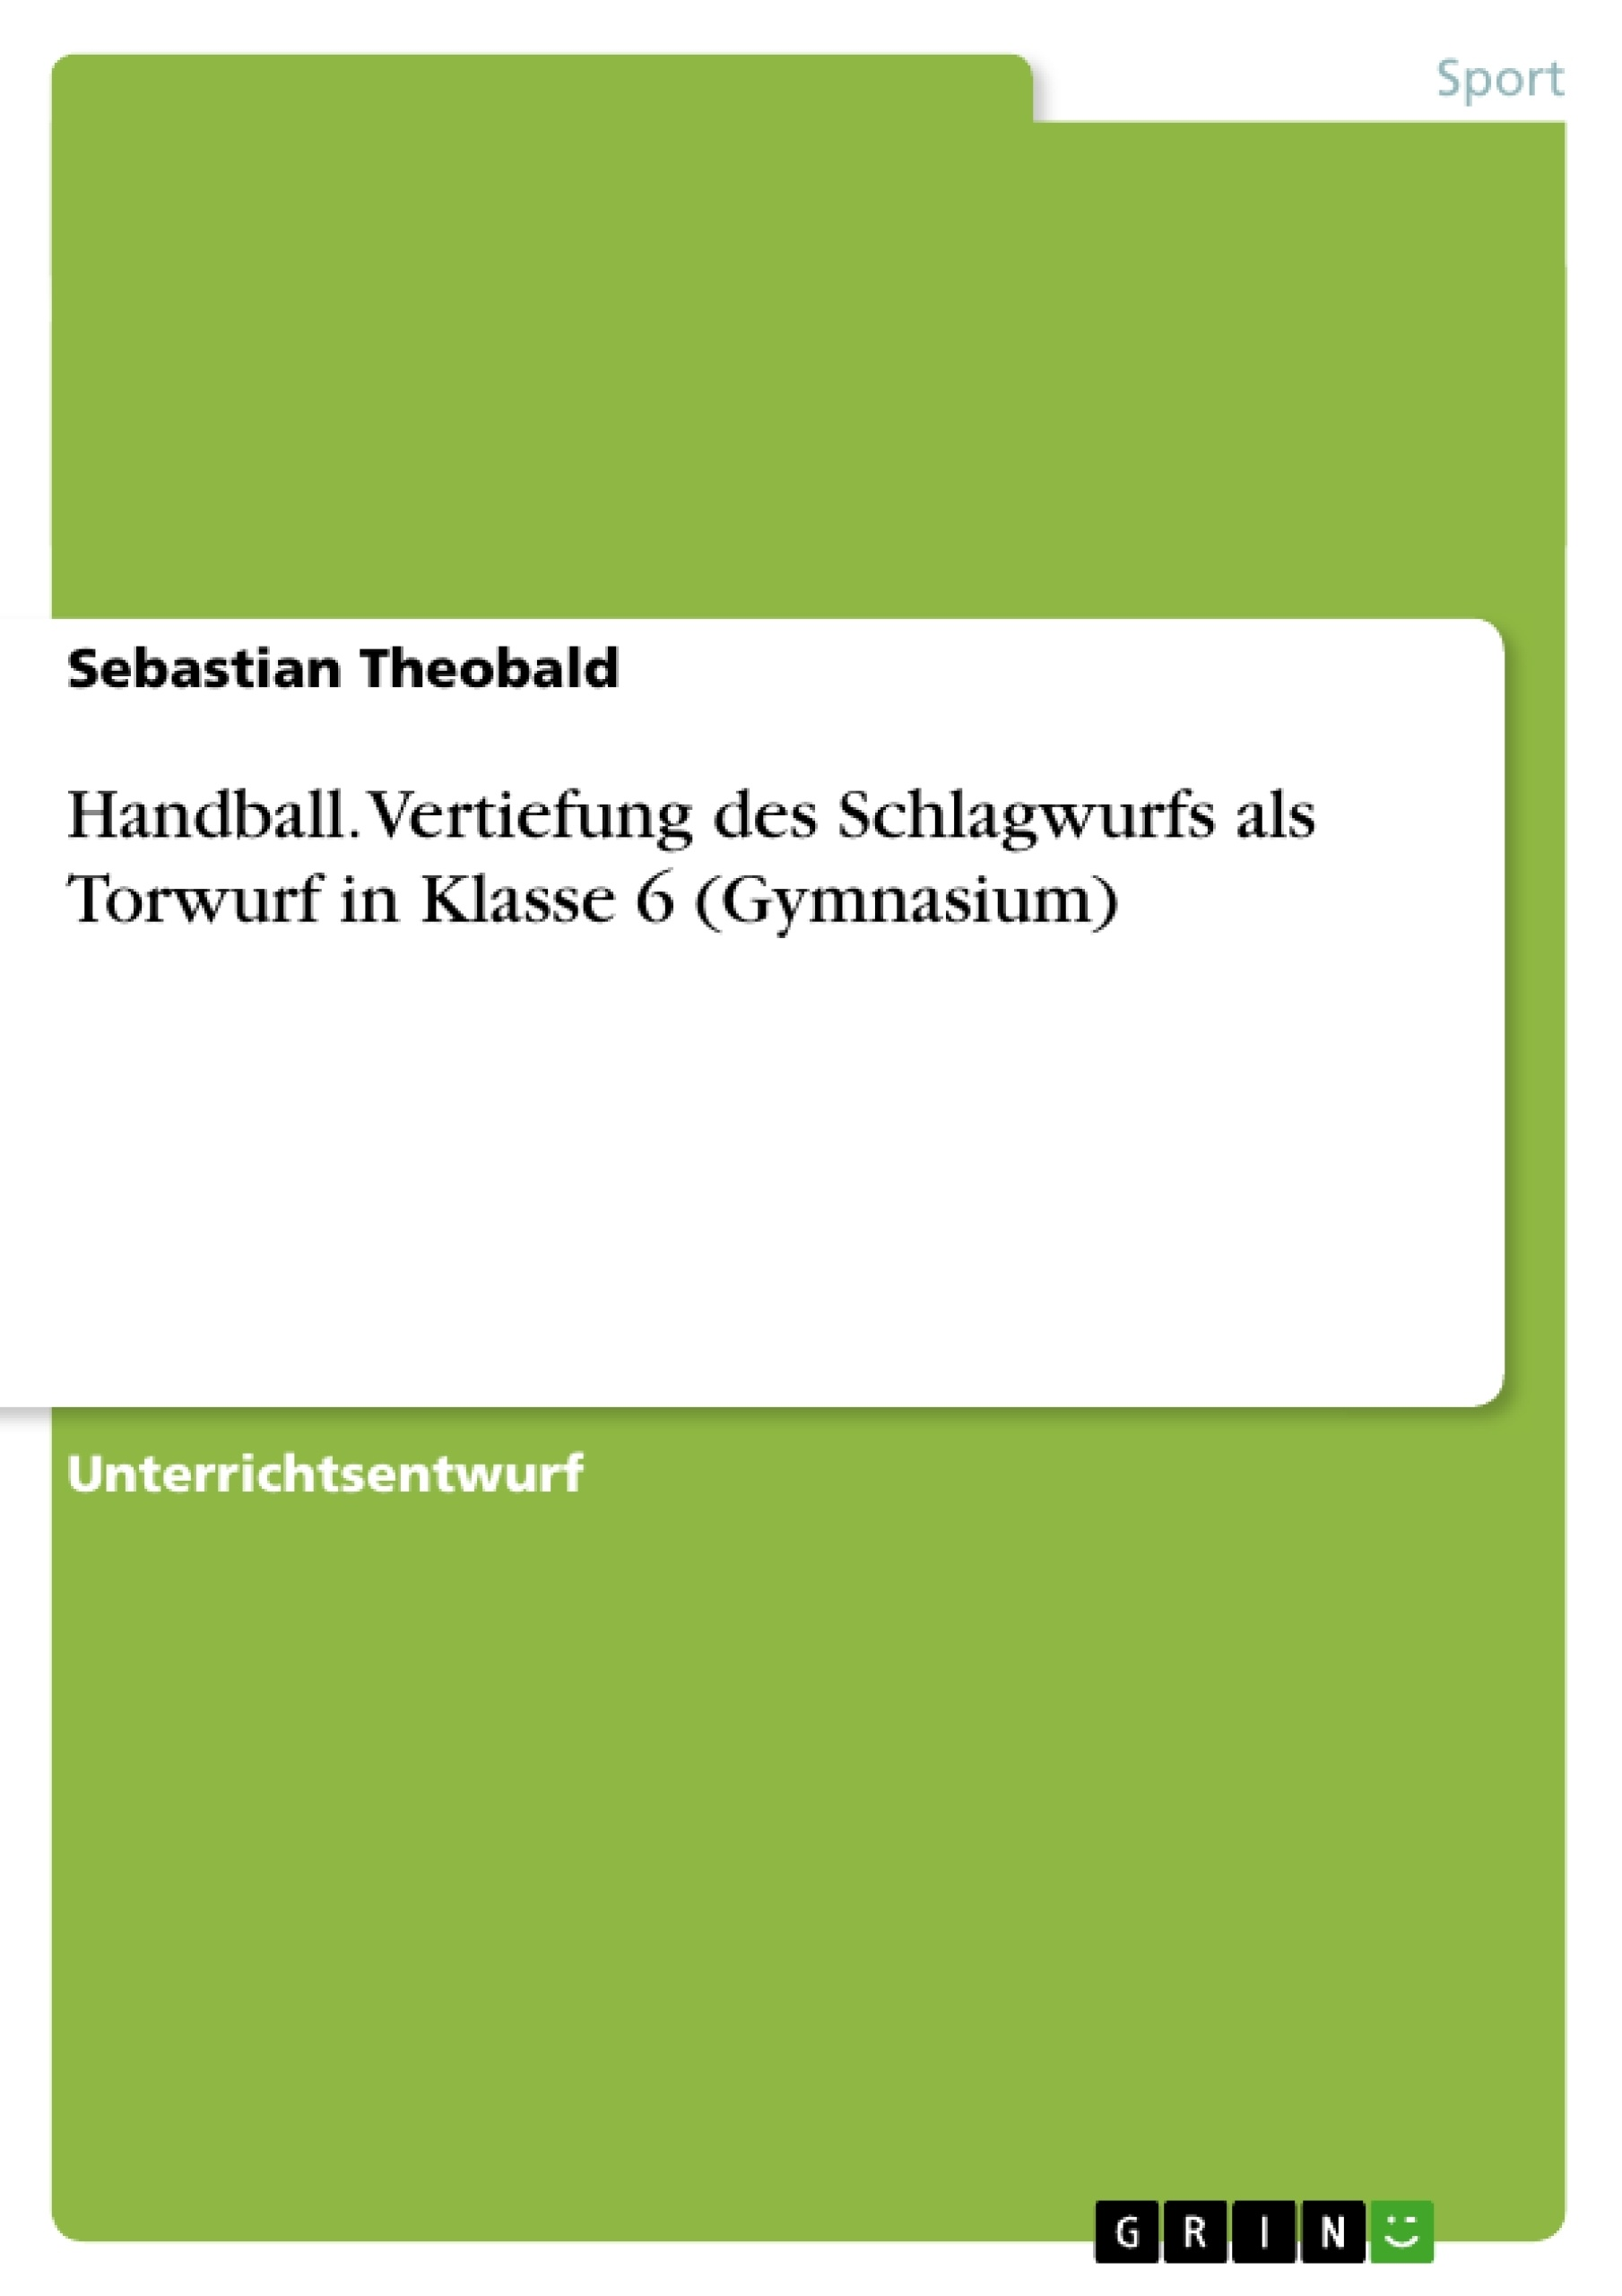 Titel: Handball. Vertiefung des Schlagwurfs als Torwurf in Klasse 6 (Gymnasium)